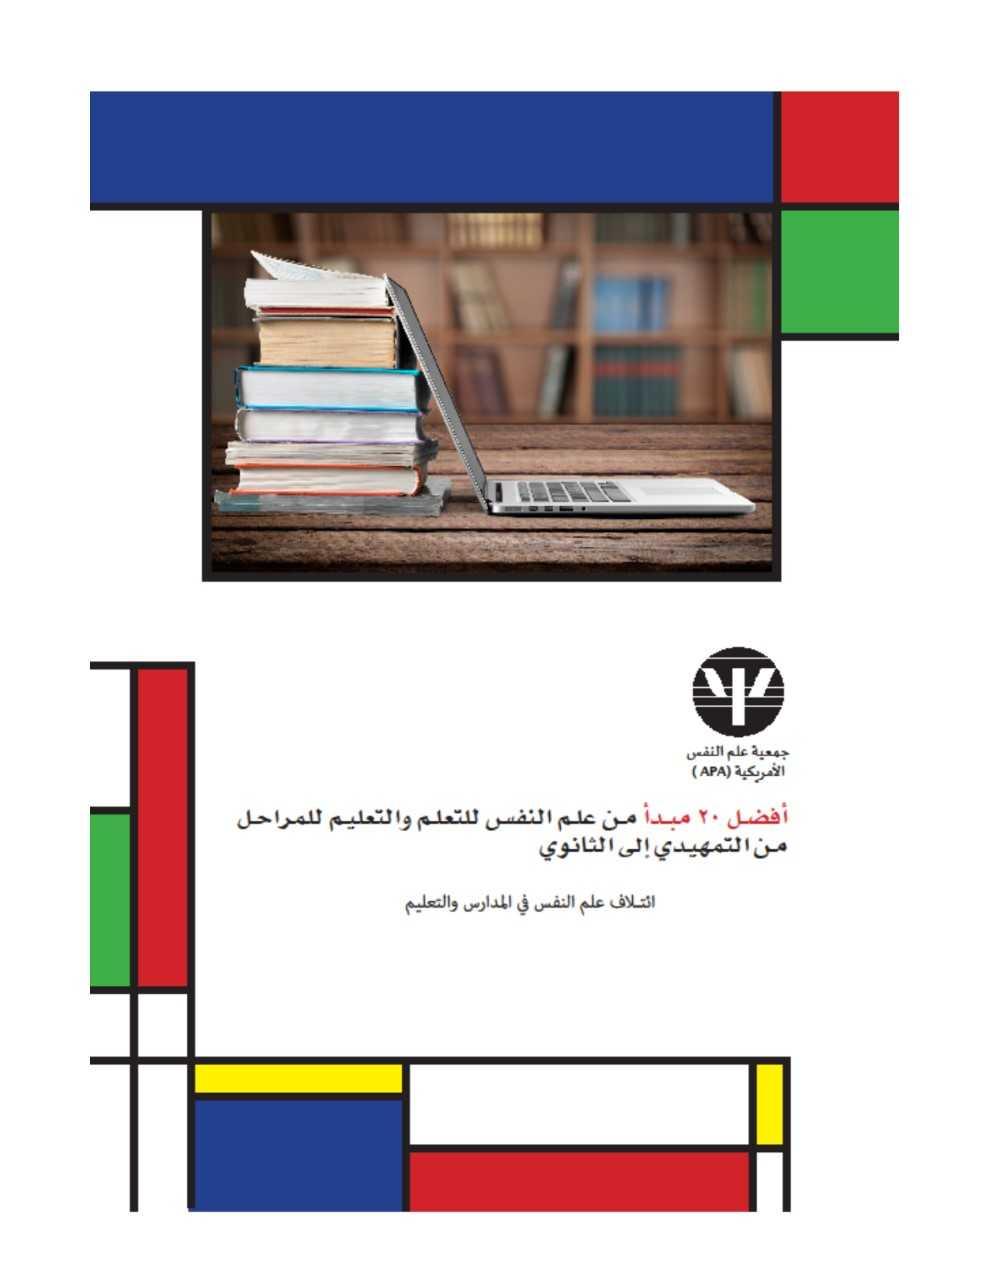  ترجمة كتاب (أفضل 20 مبدأ من علم النفس للتعلم والتعليم للمراحل من التمهيدي إلى الثانوي)